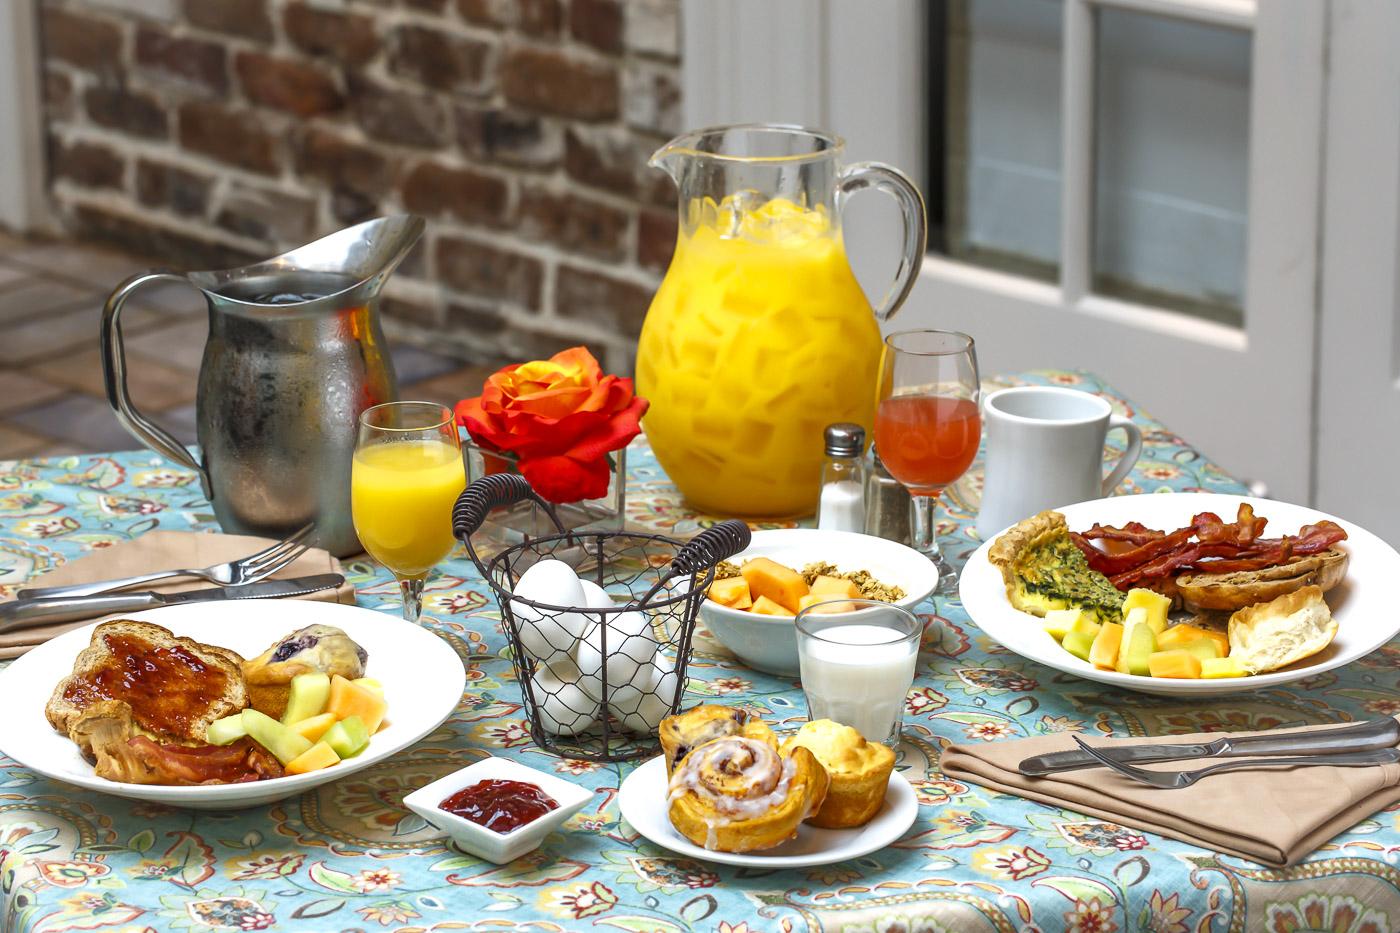 بهترين صبحانه ها براي لاغر شدن